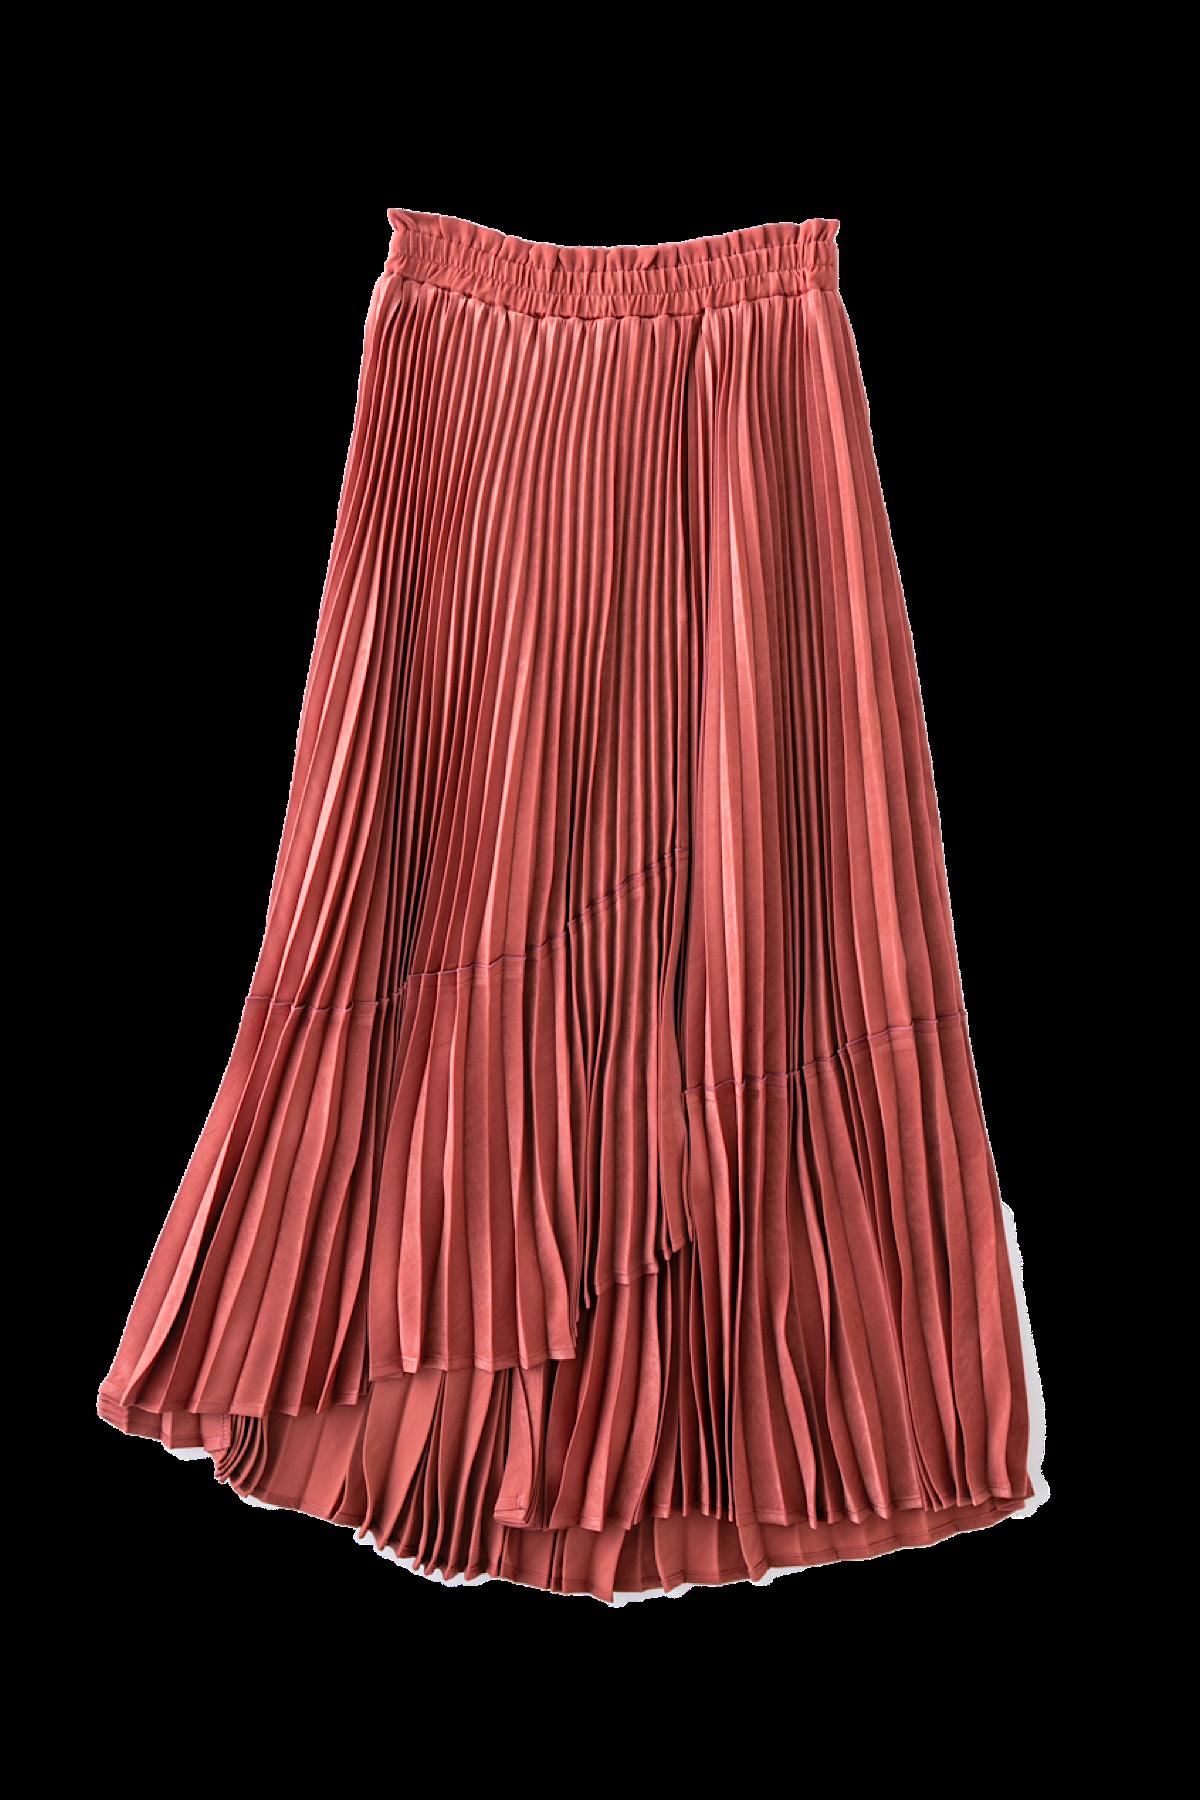 ランダムプリーツスカート <アプリコット>